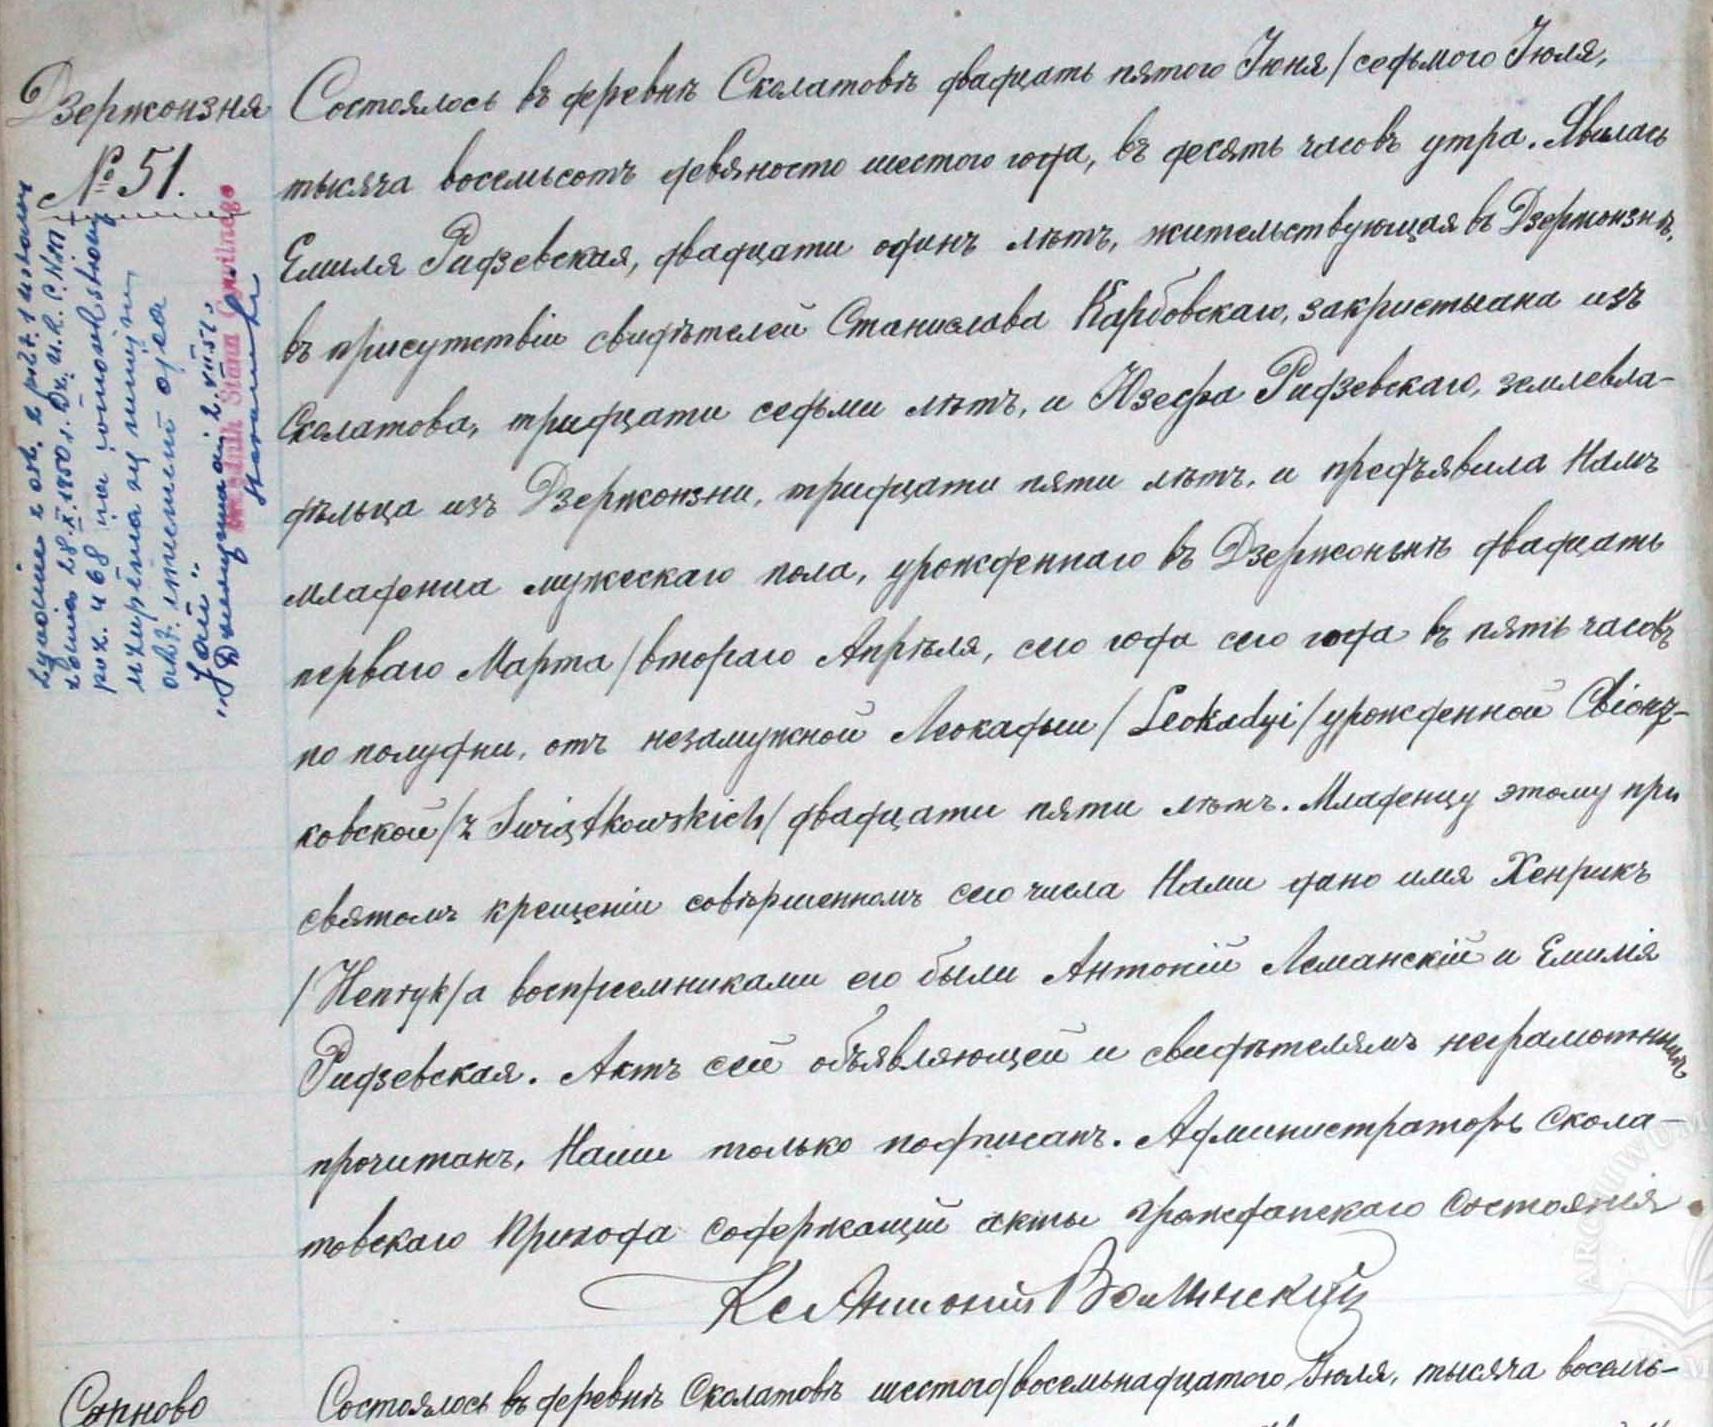 Akt chrztu Henryka Świątkowskiego, syna niezamężnej Leokadii Świątkowskiej. Skołatowo, 7 VII 1896